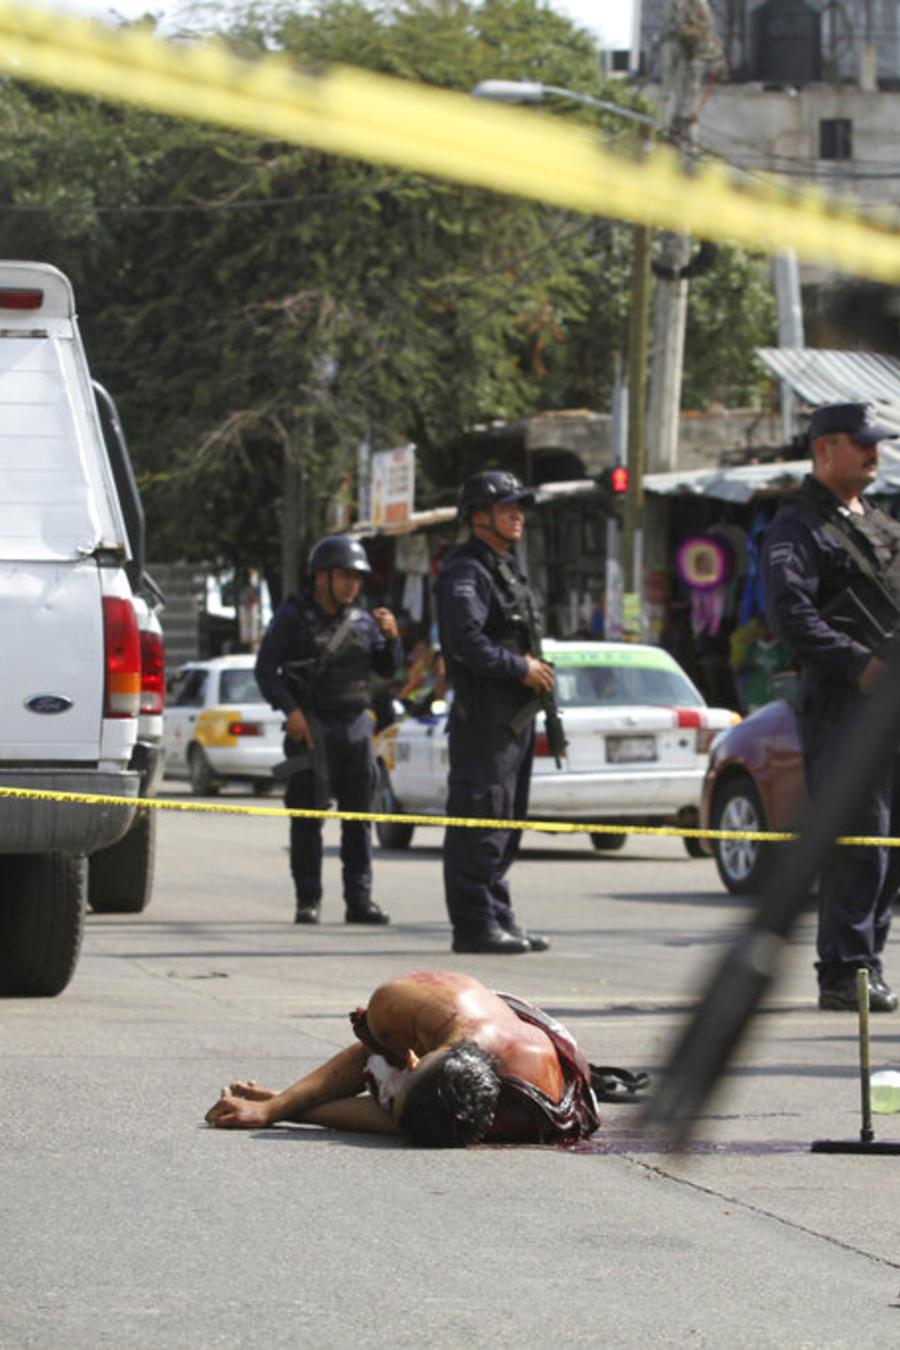 En esta imagen de archivo, tomada el 2 de junio de 2019, el cuerpo ensagrantado de un hombre yace tendido en el medio de una calle mientras la policía y los forenses protegen la escena, en Acapulco, México.